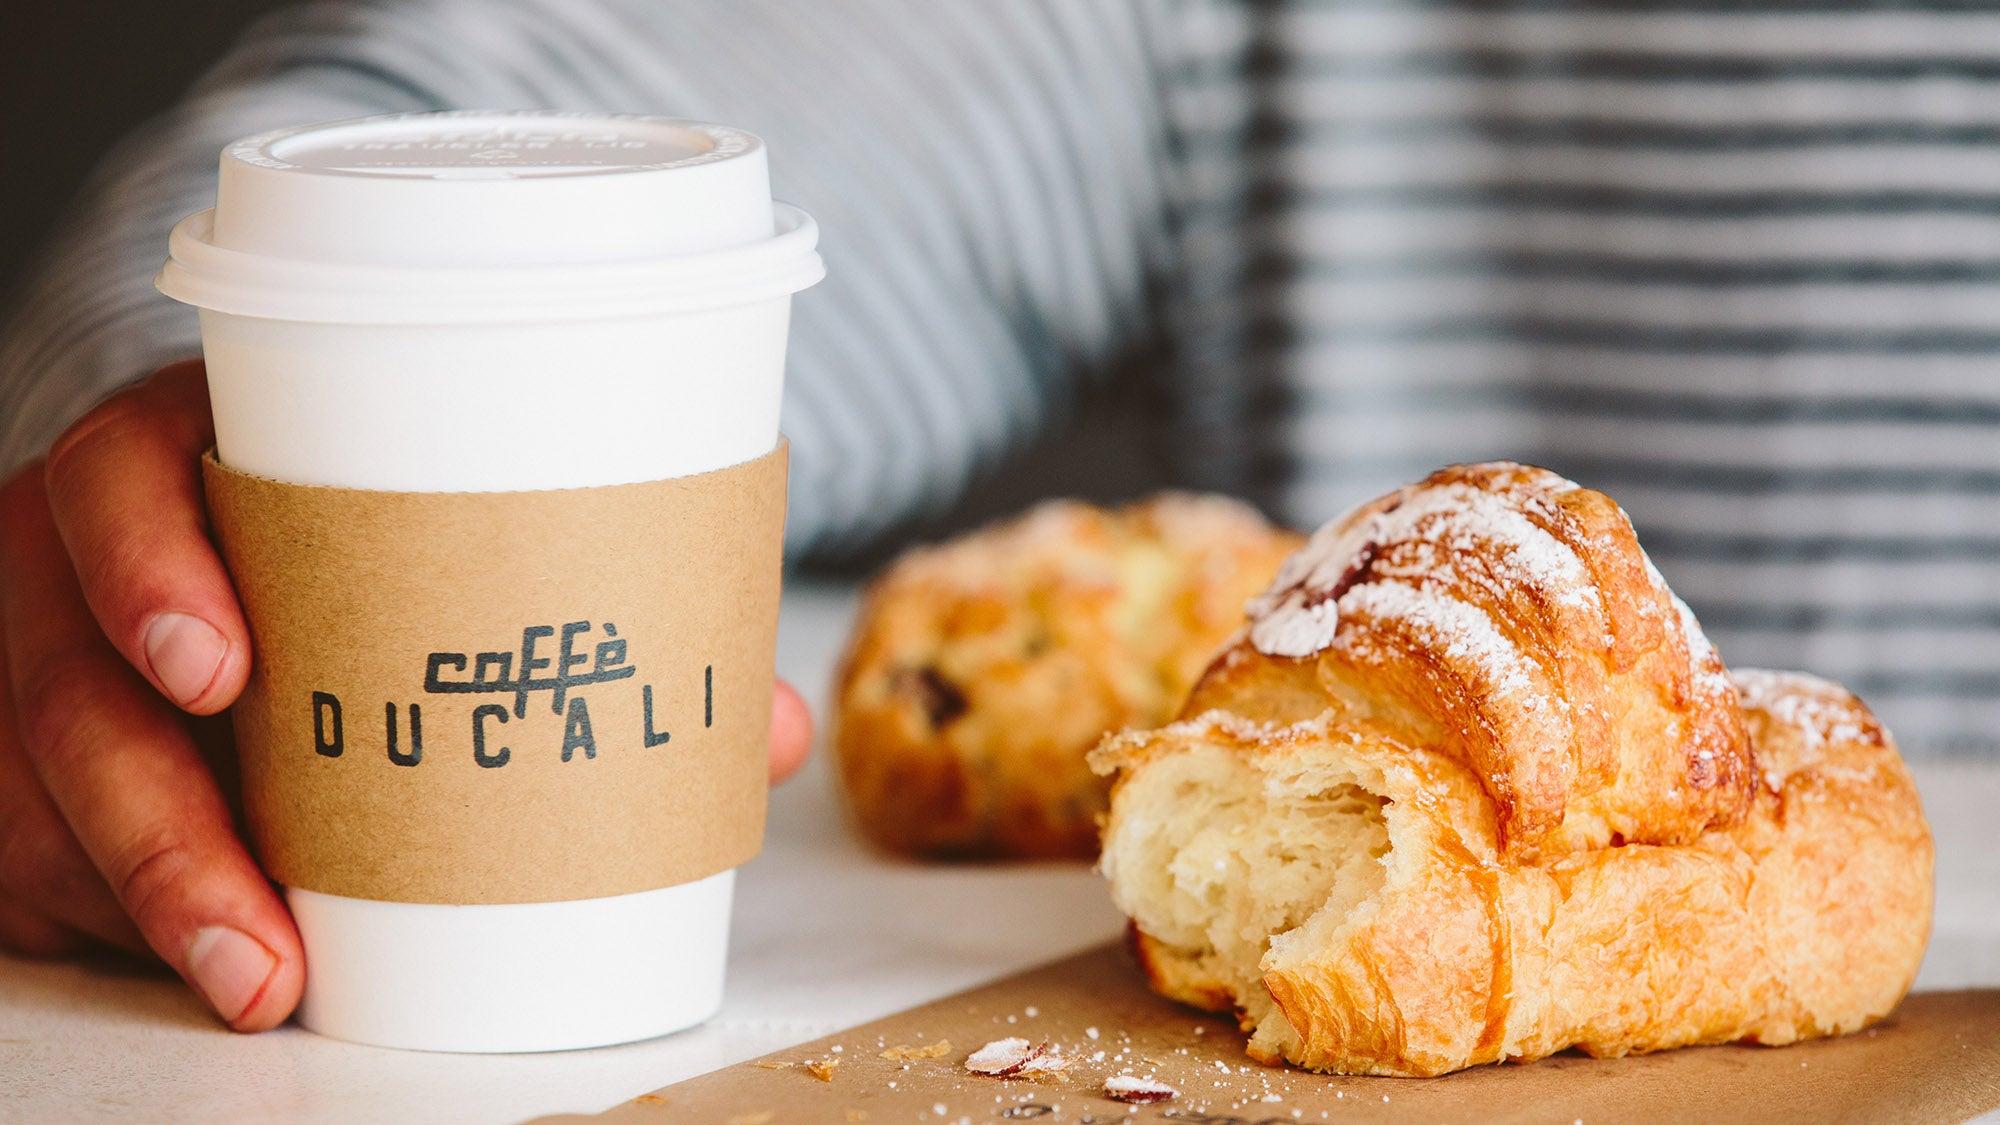 Caffé Ducali